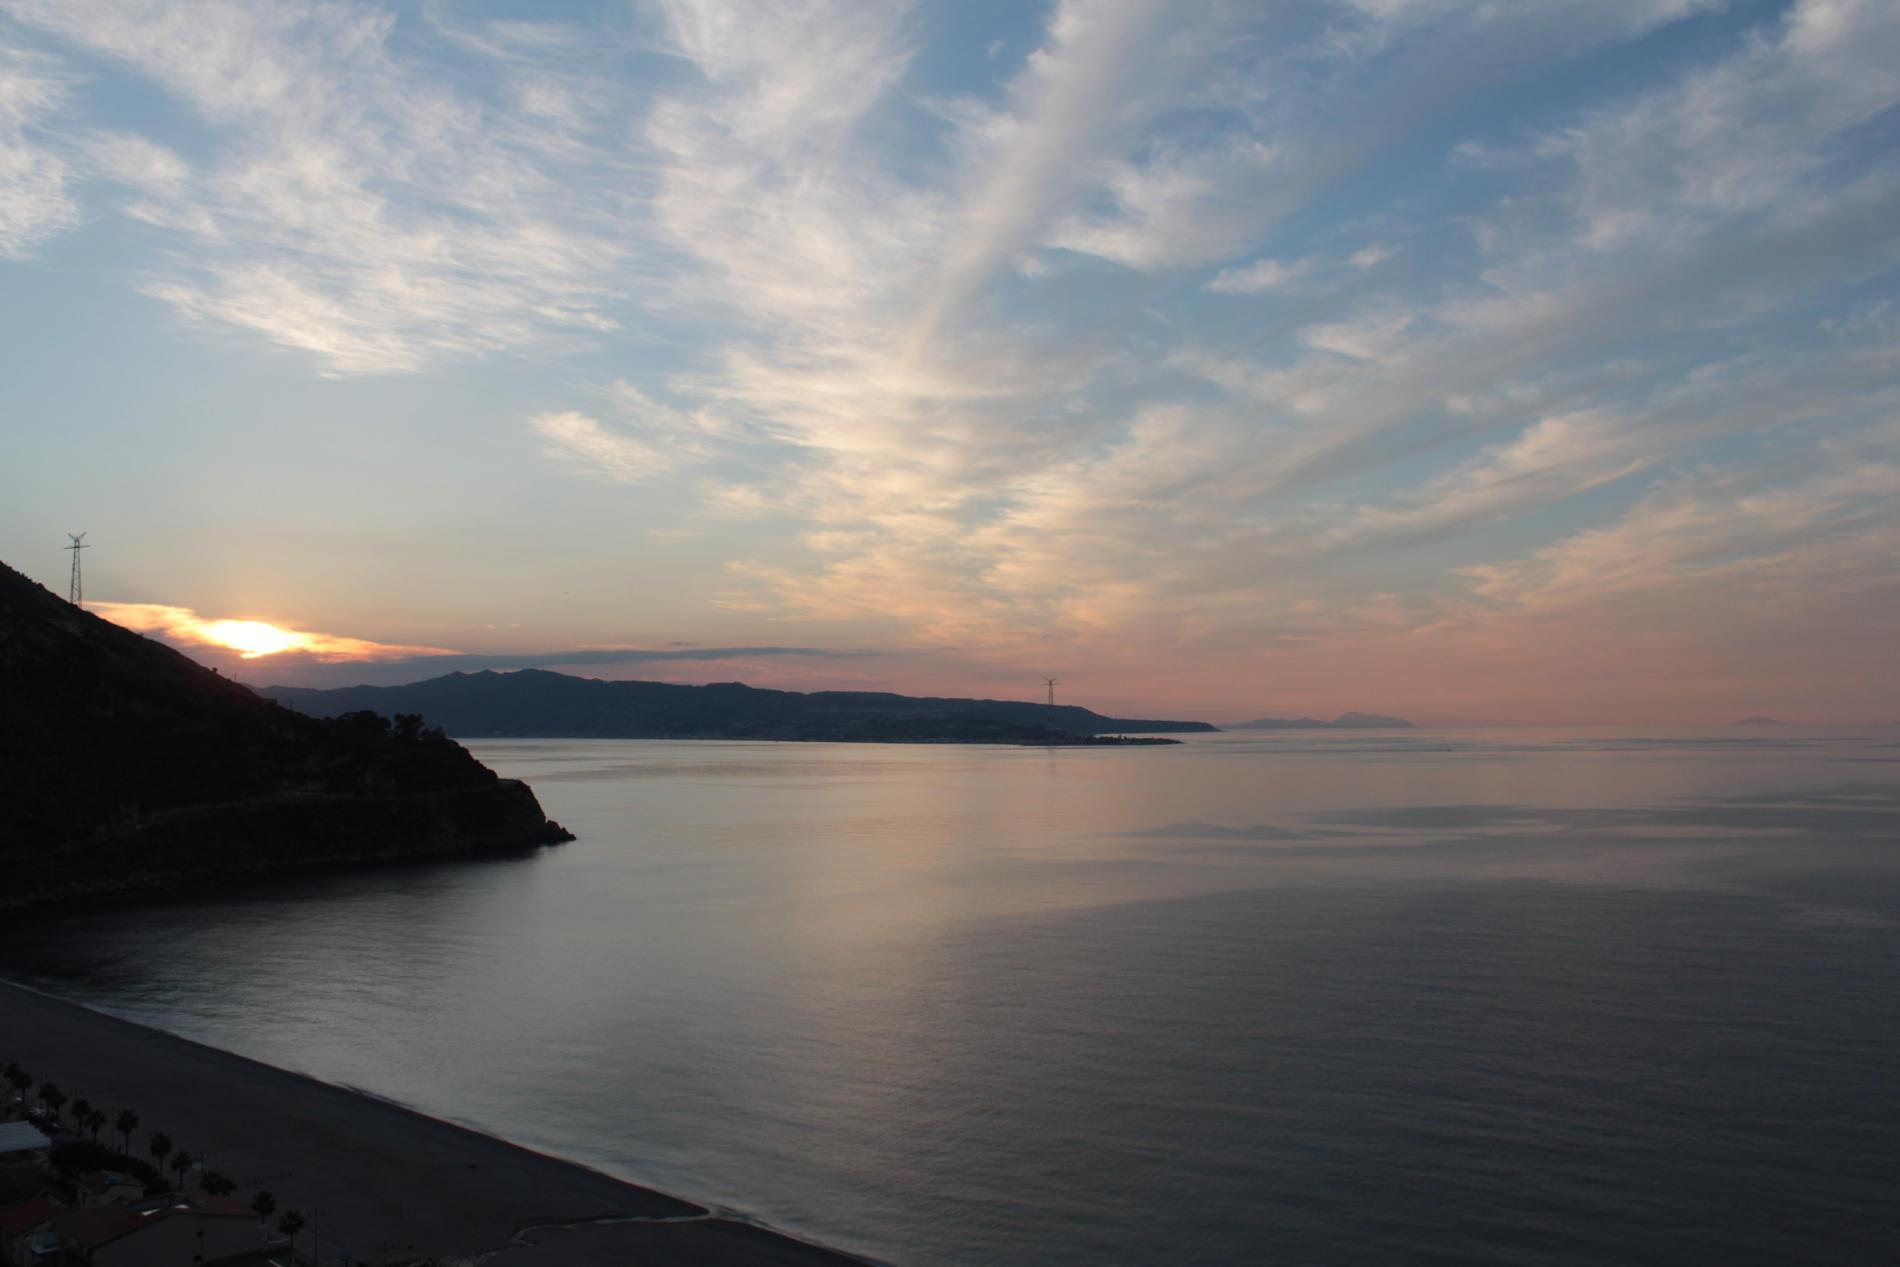 Scilla - Un tramonto mozzafiato sullo Stretto di Messina